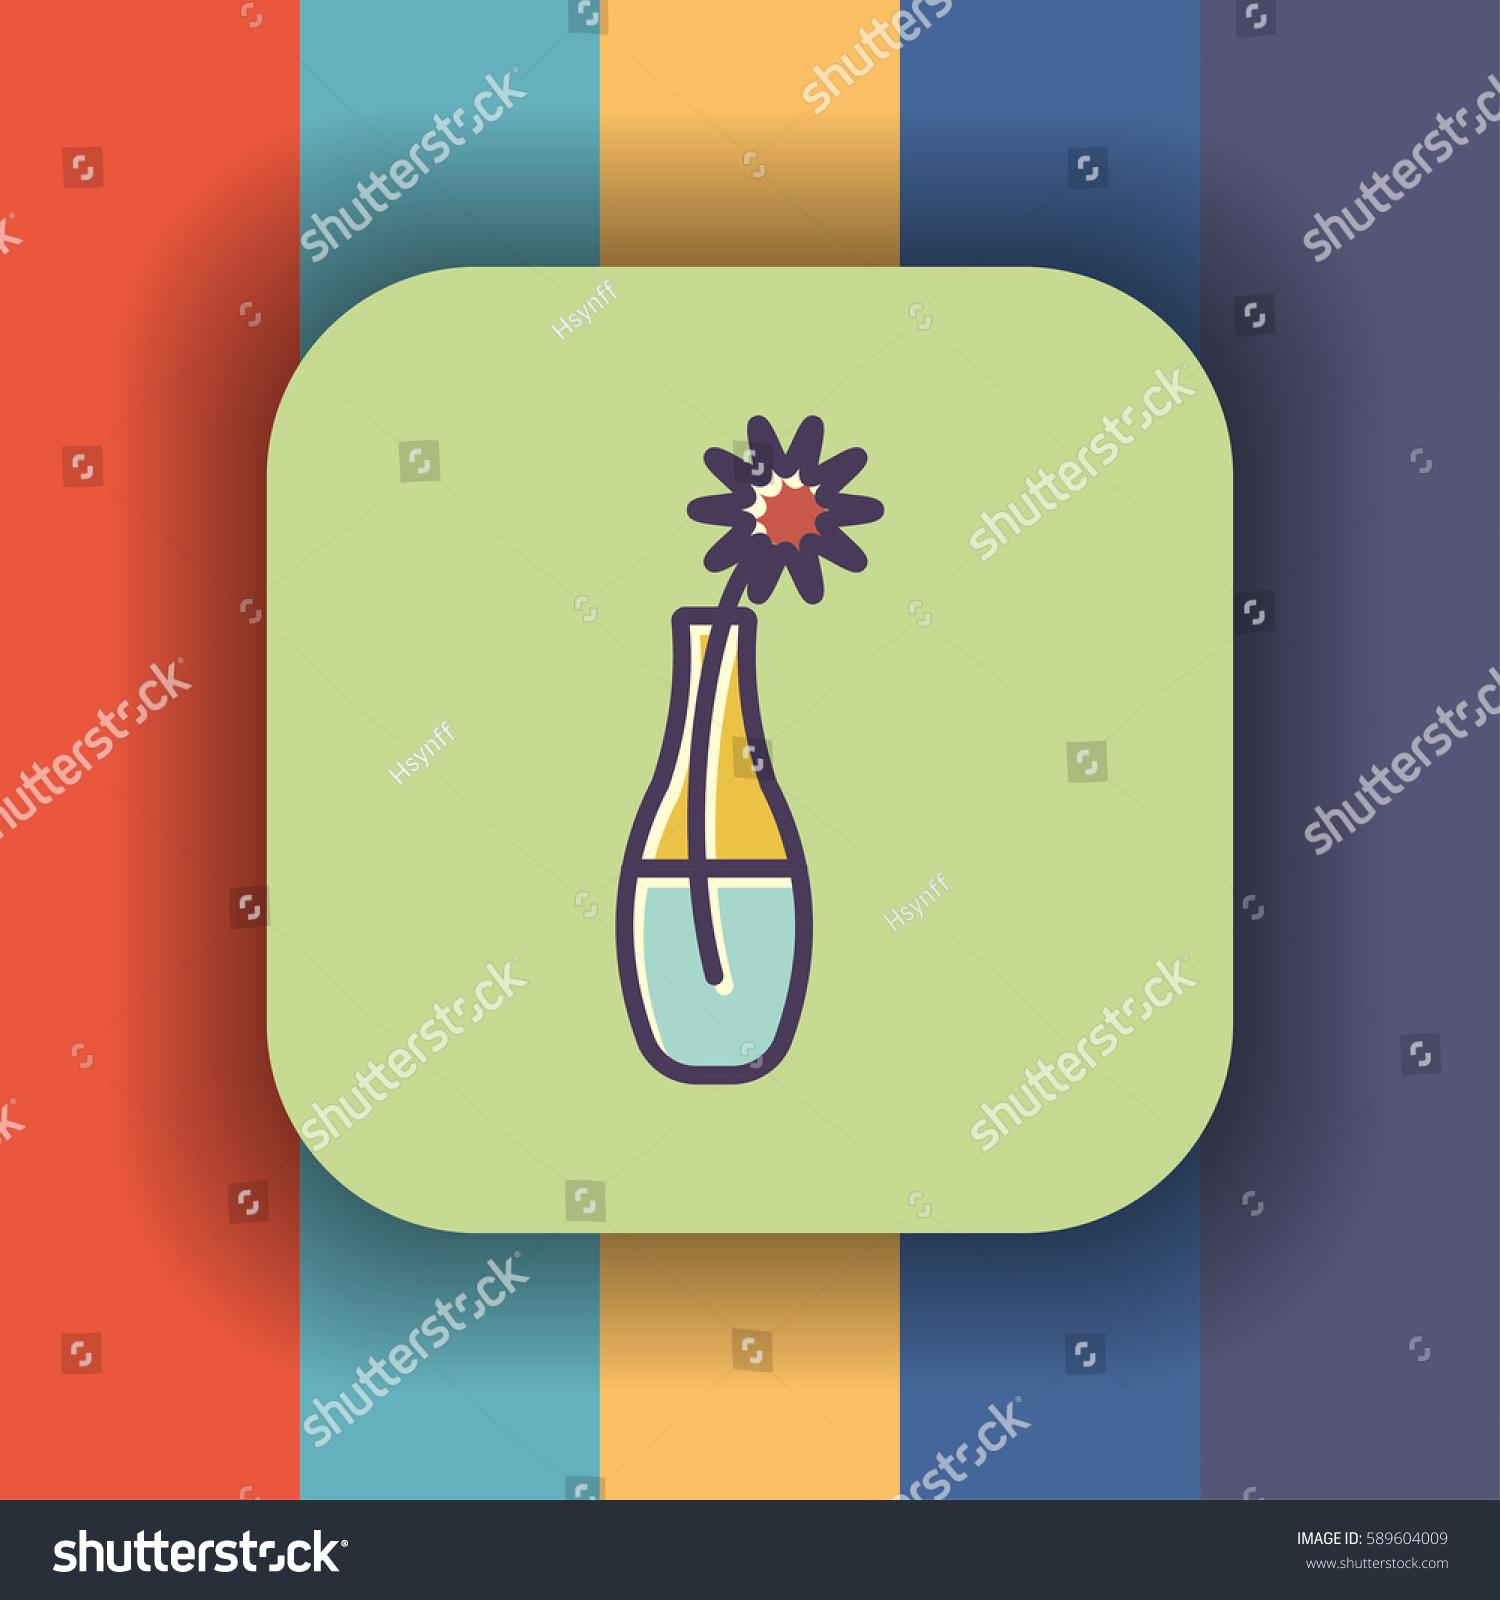 Flower vase icon outline flat offset stock vector 589604009 flower vase icon outline flat offset stock vector 589604009 shutterstock reviewsmspy